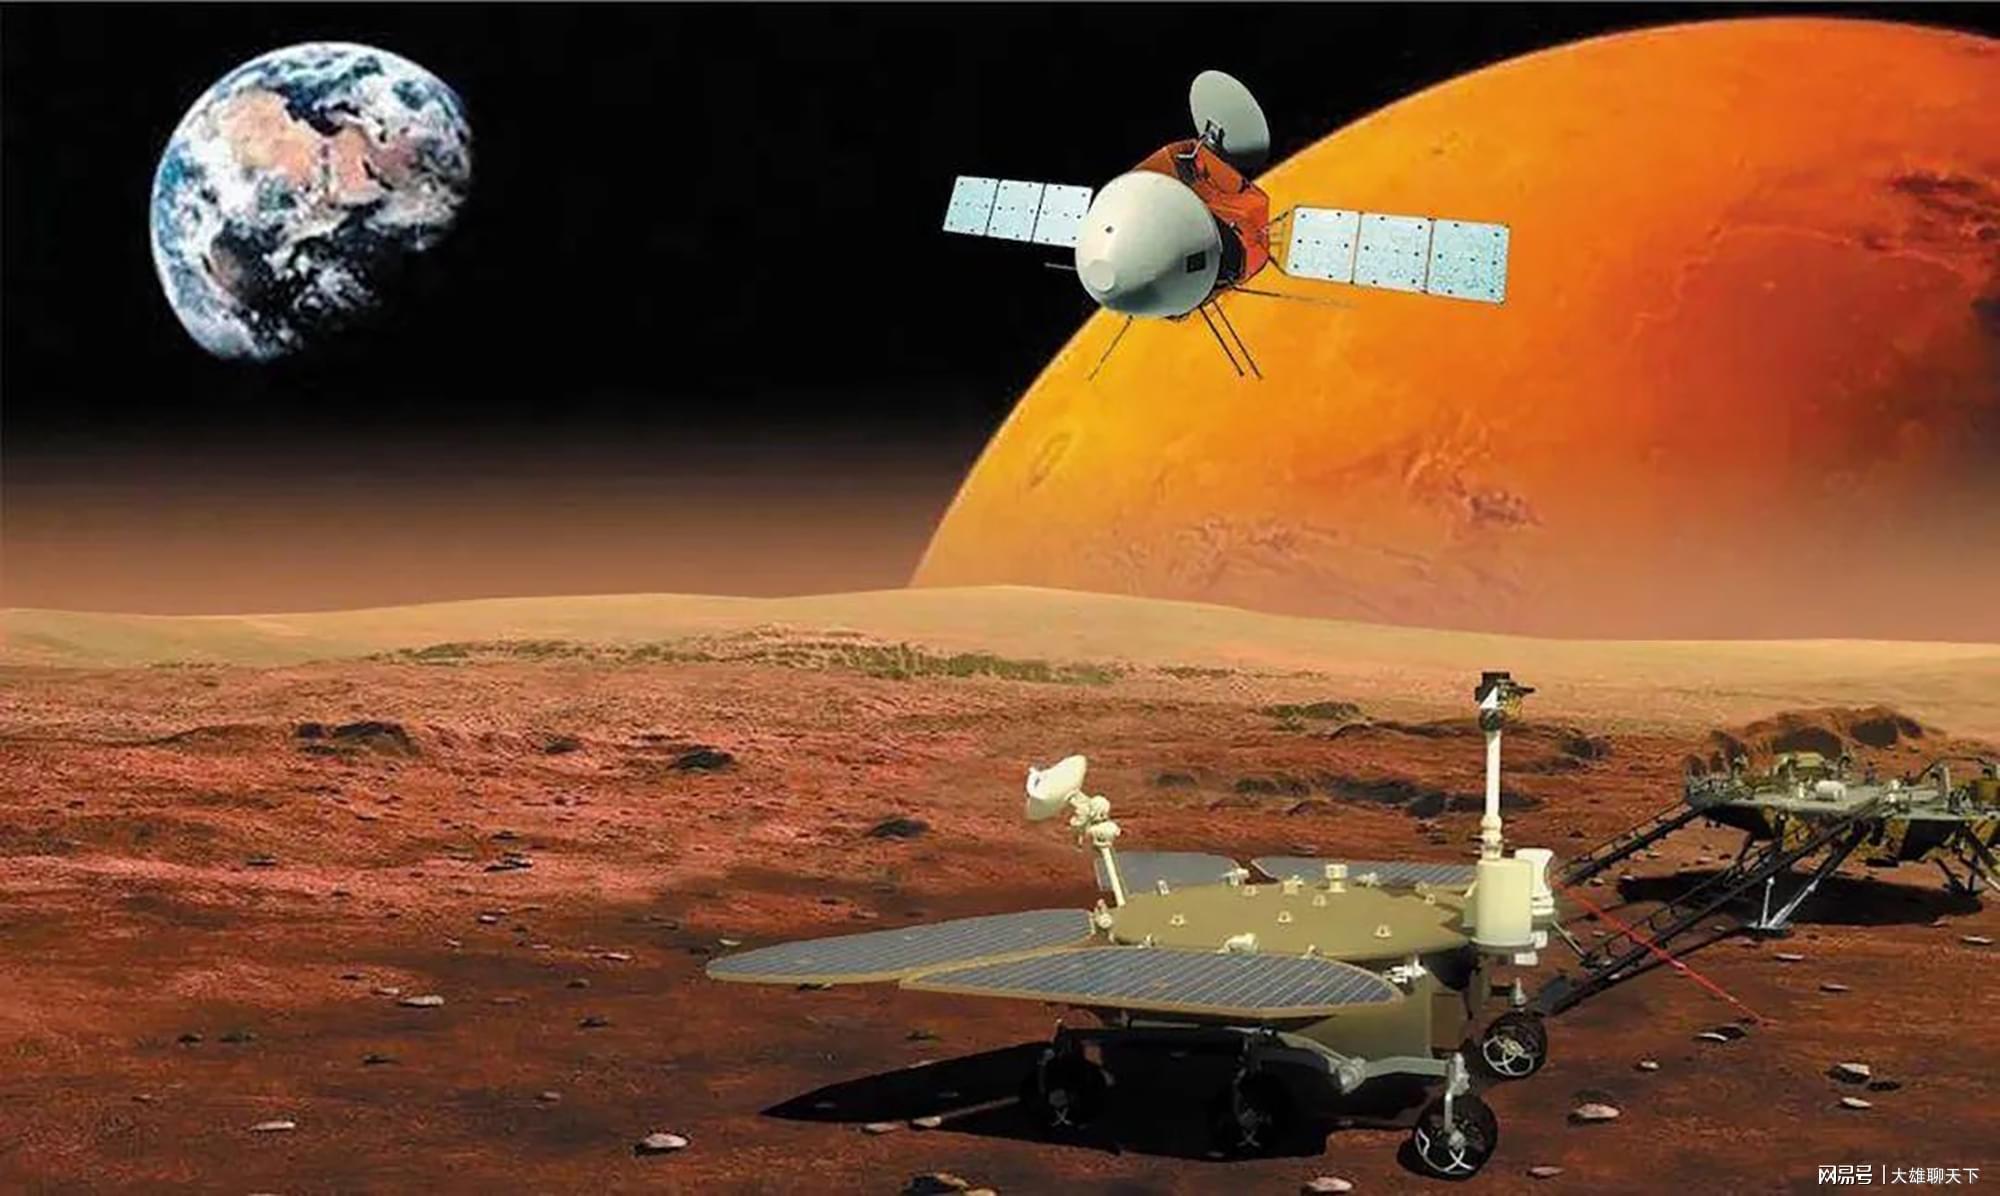 طرحی گرافیکی از مأموریت تیانون-1 چین در مریخ